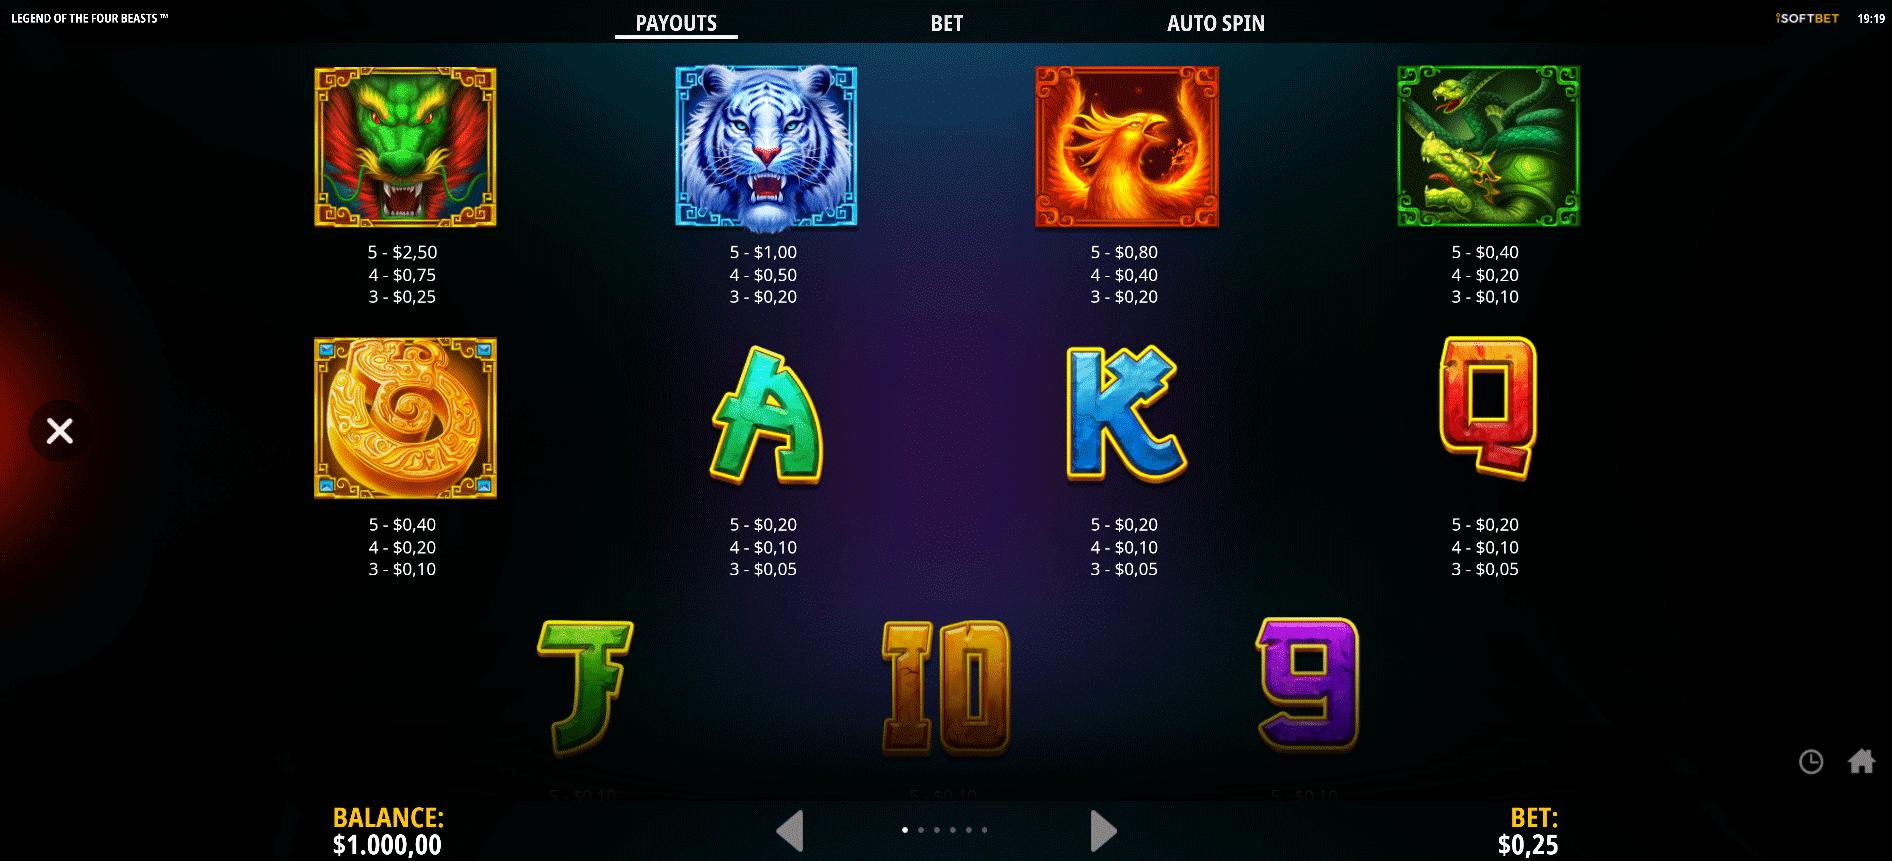 tabella dei pagamenti della slot online legend of the four beasts